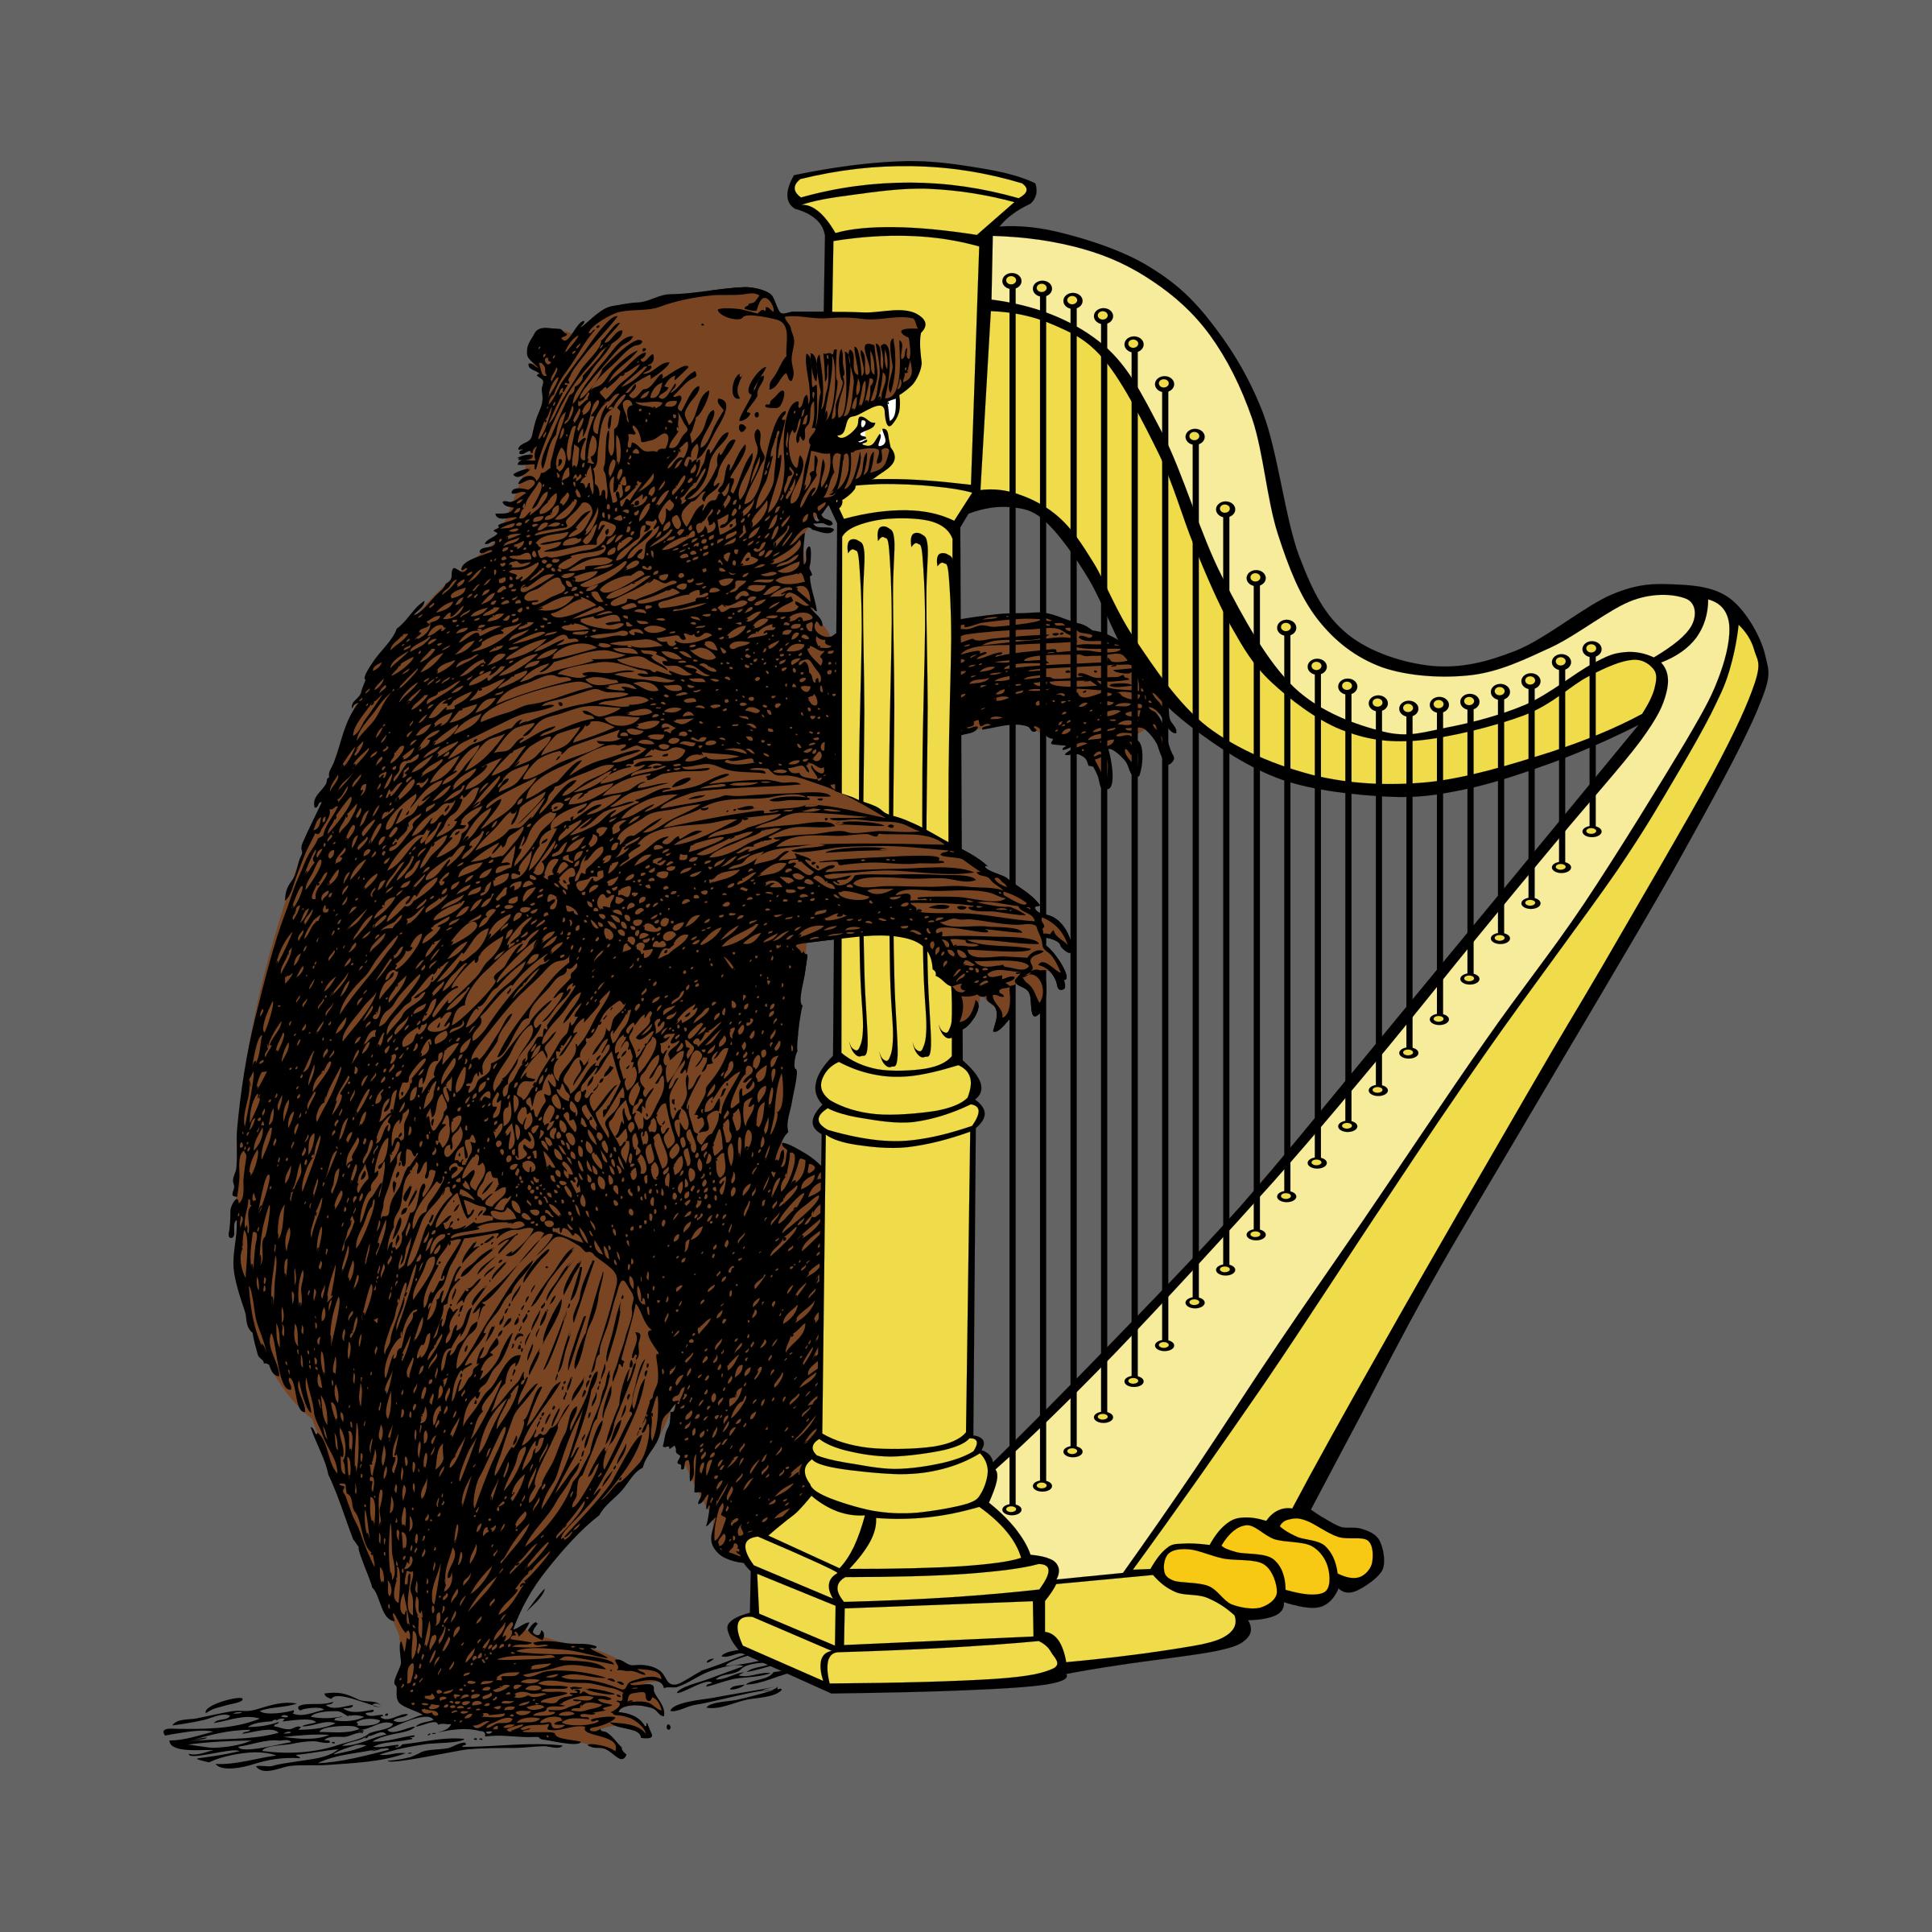 Harp clipart heraldic And harp and bear harp